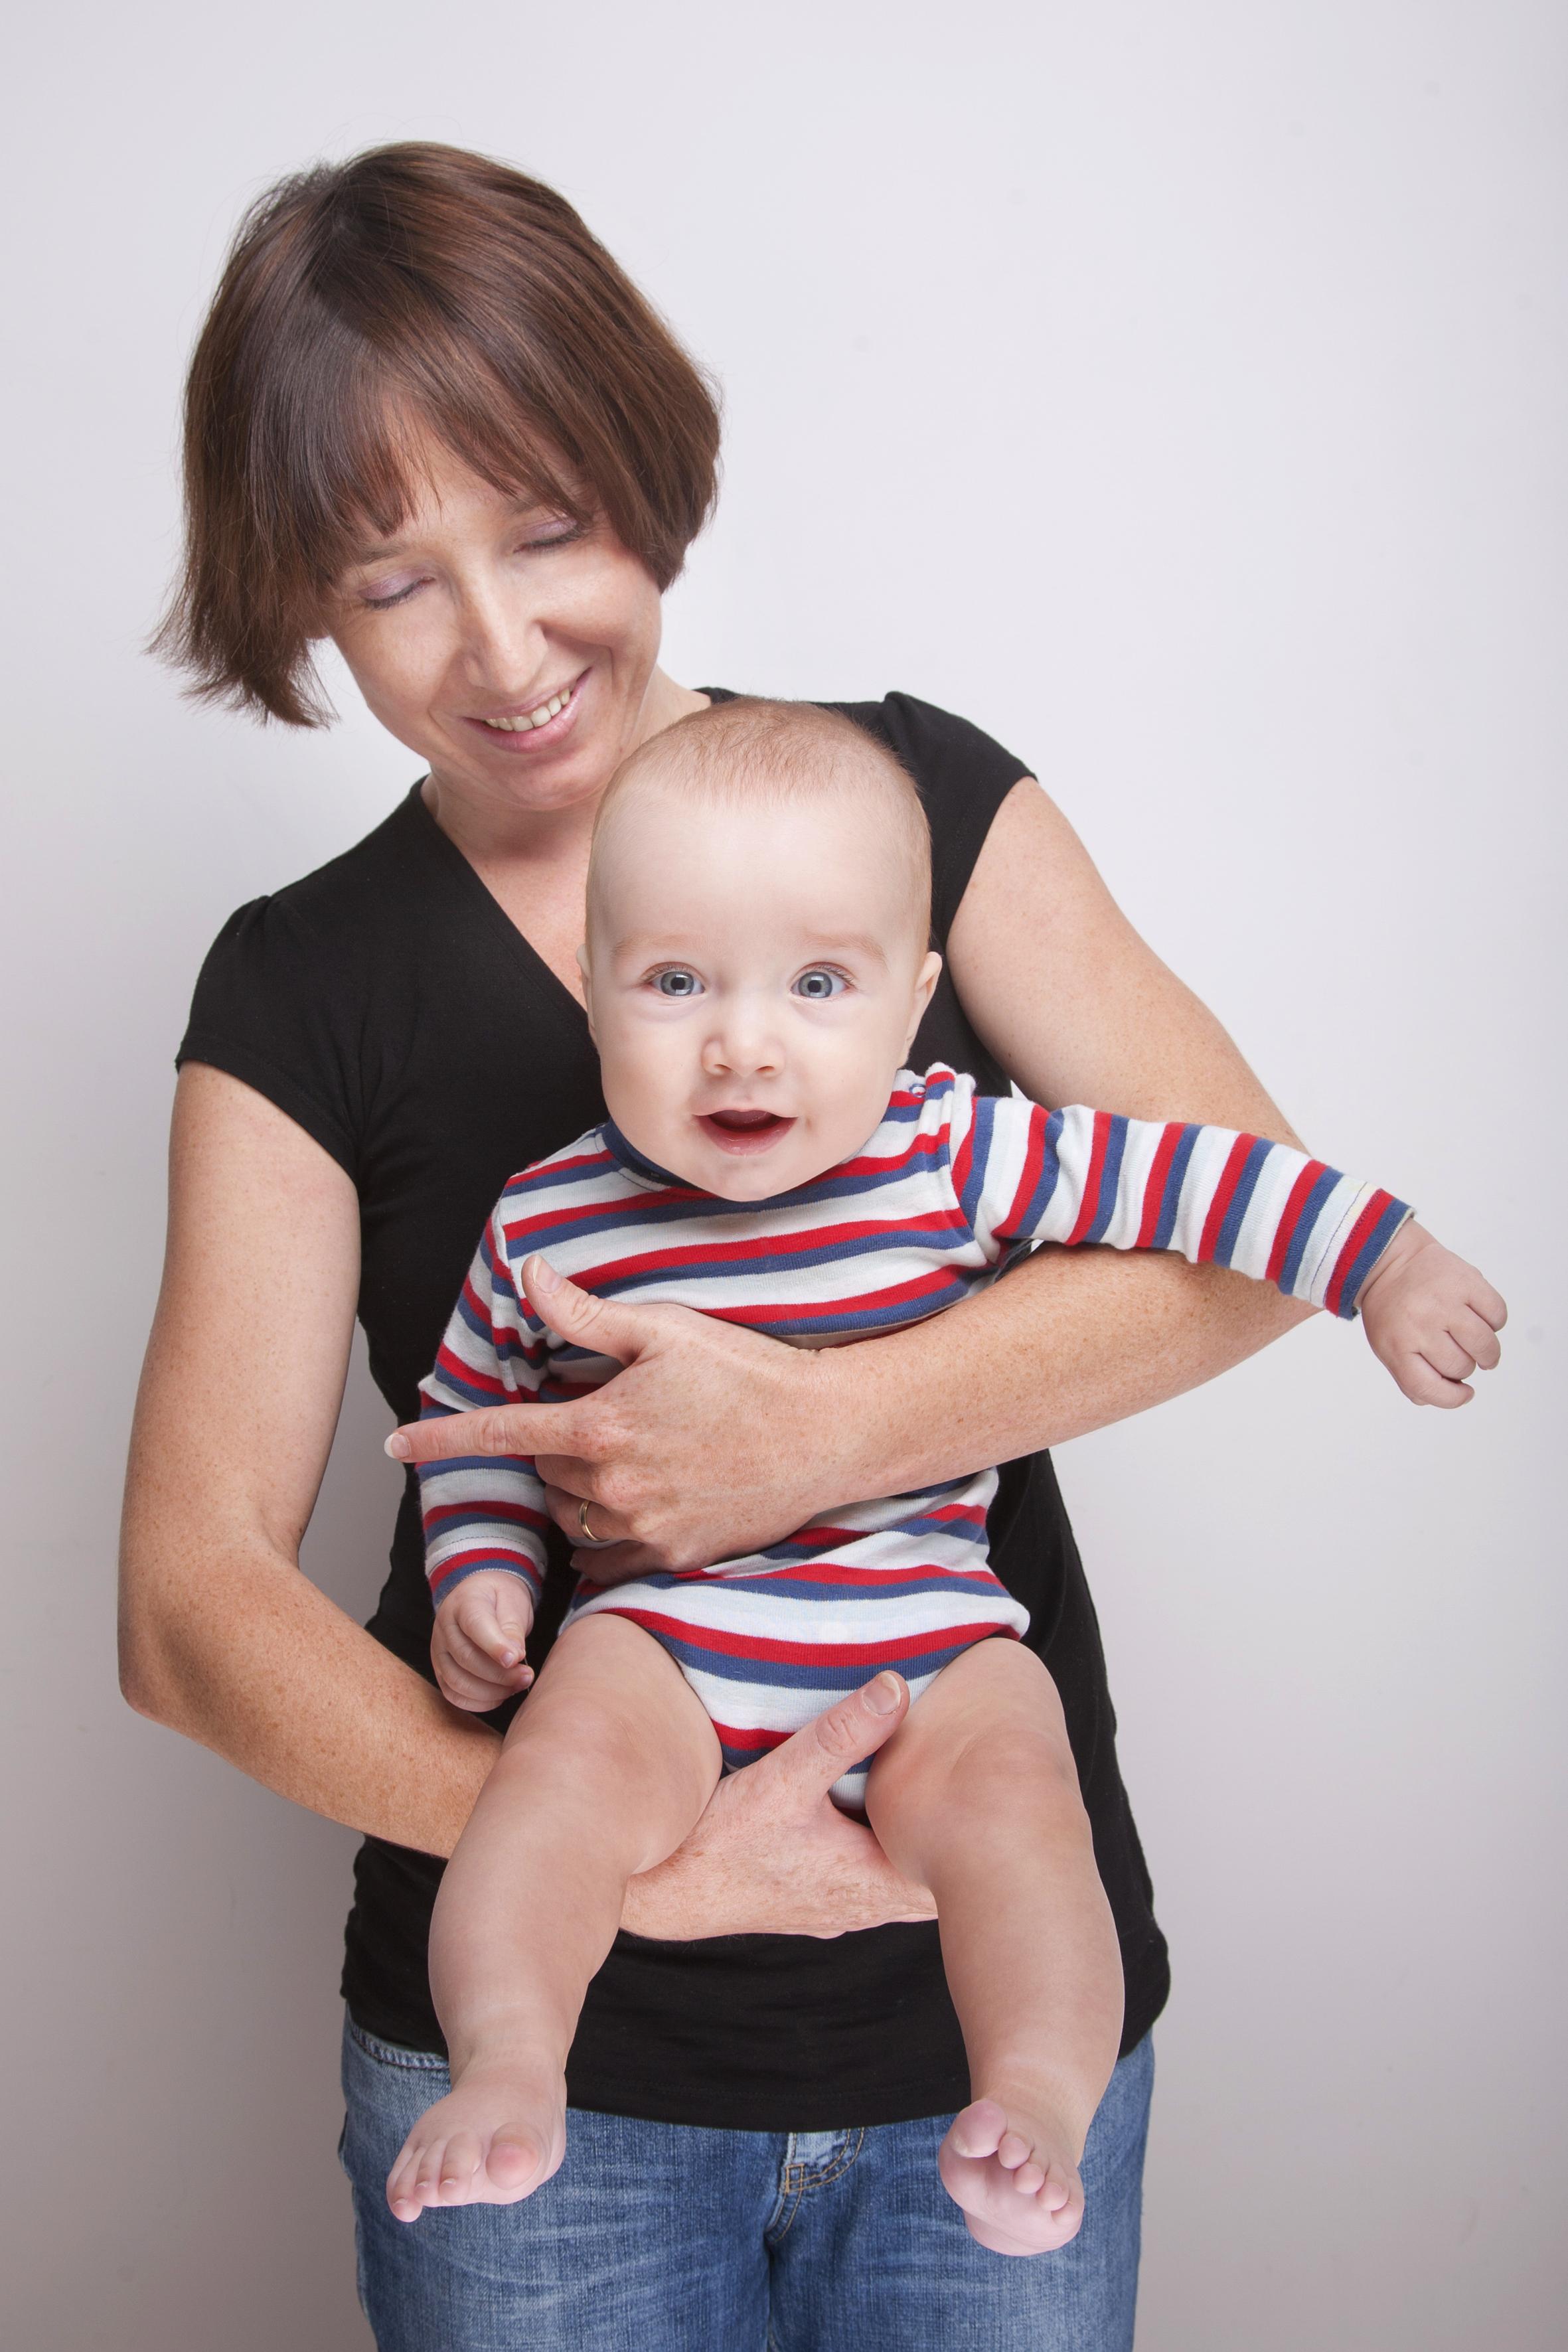 wyprzedaż ze zniżką produkty wysokiej jakości później Jak podnosić i nosić niemowlę. Pielęgnacja a wspomaganie ...